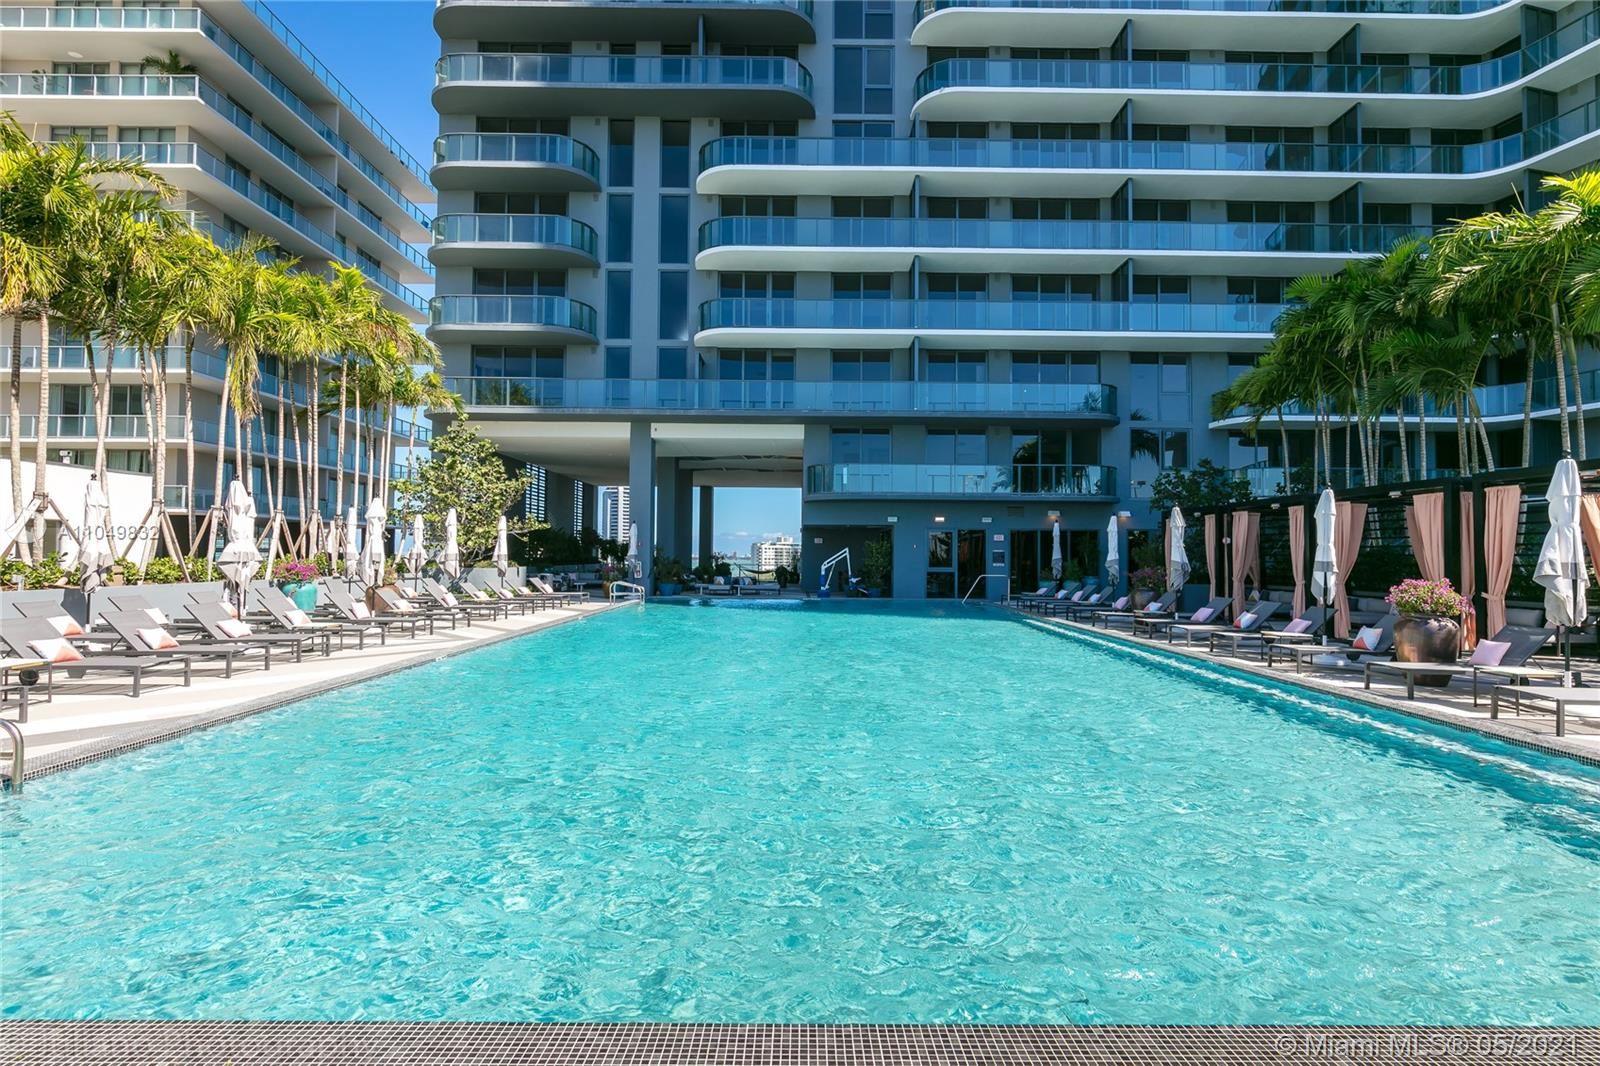 121 NE 34th st #1616, Miami, FL 33137 - #: A11049832